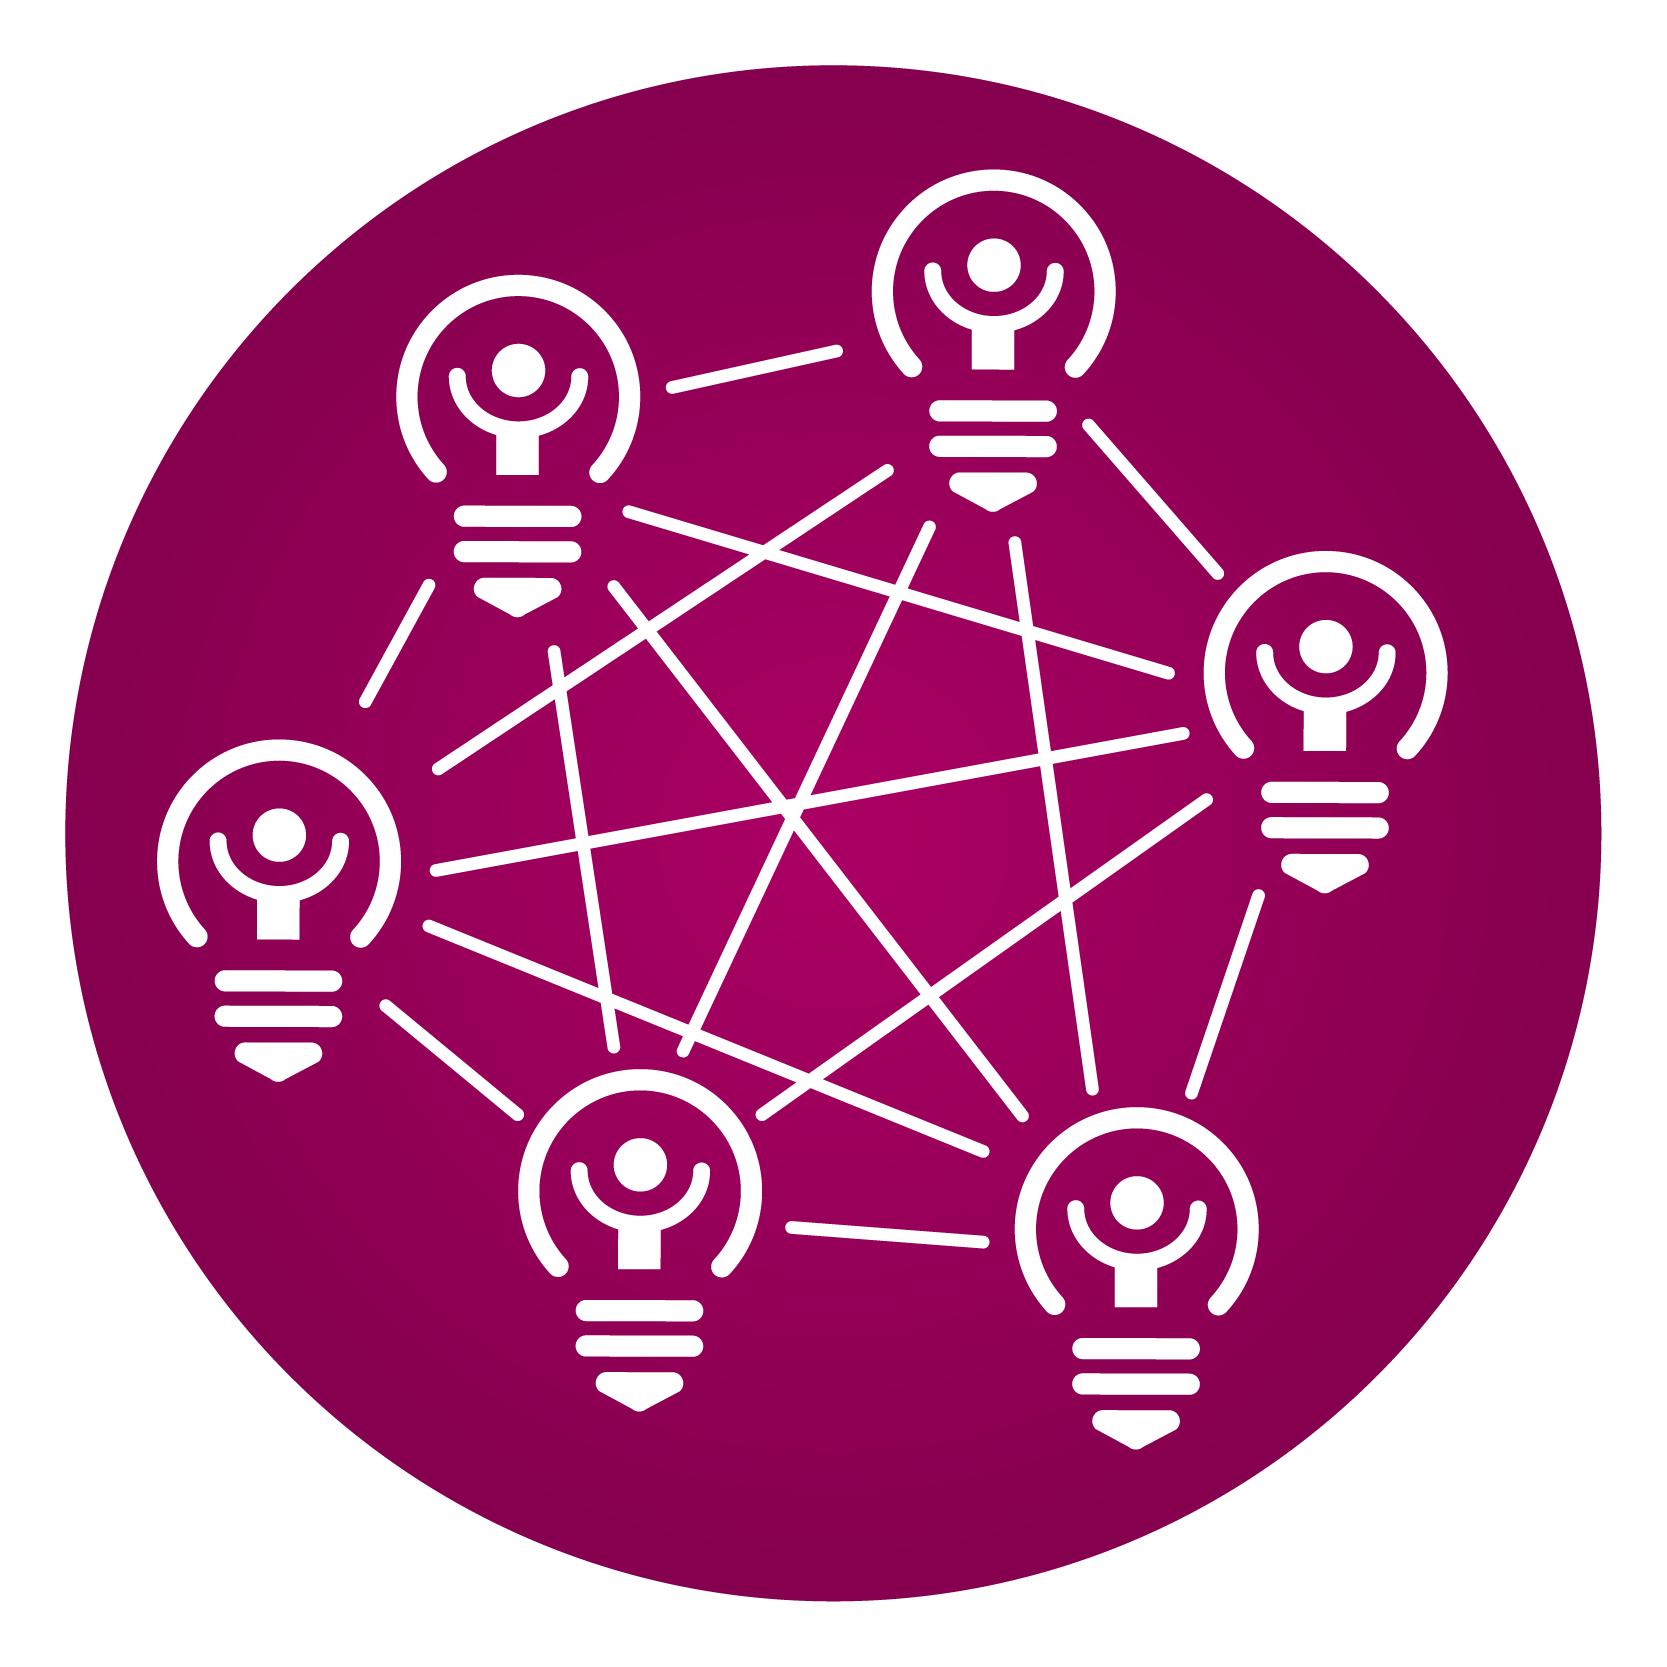 Animer des communautés de transformation numérique, découvrir des startup, innover